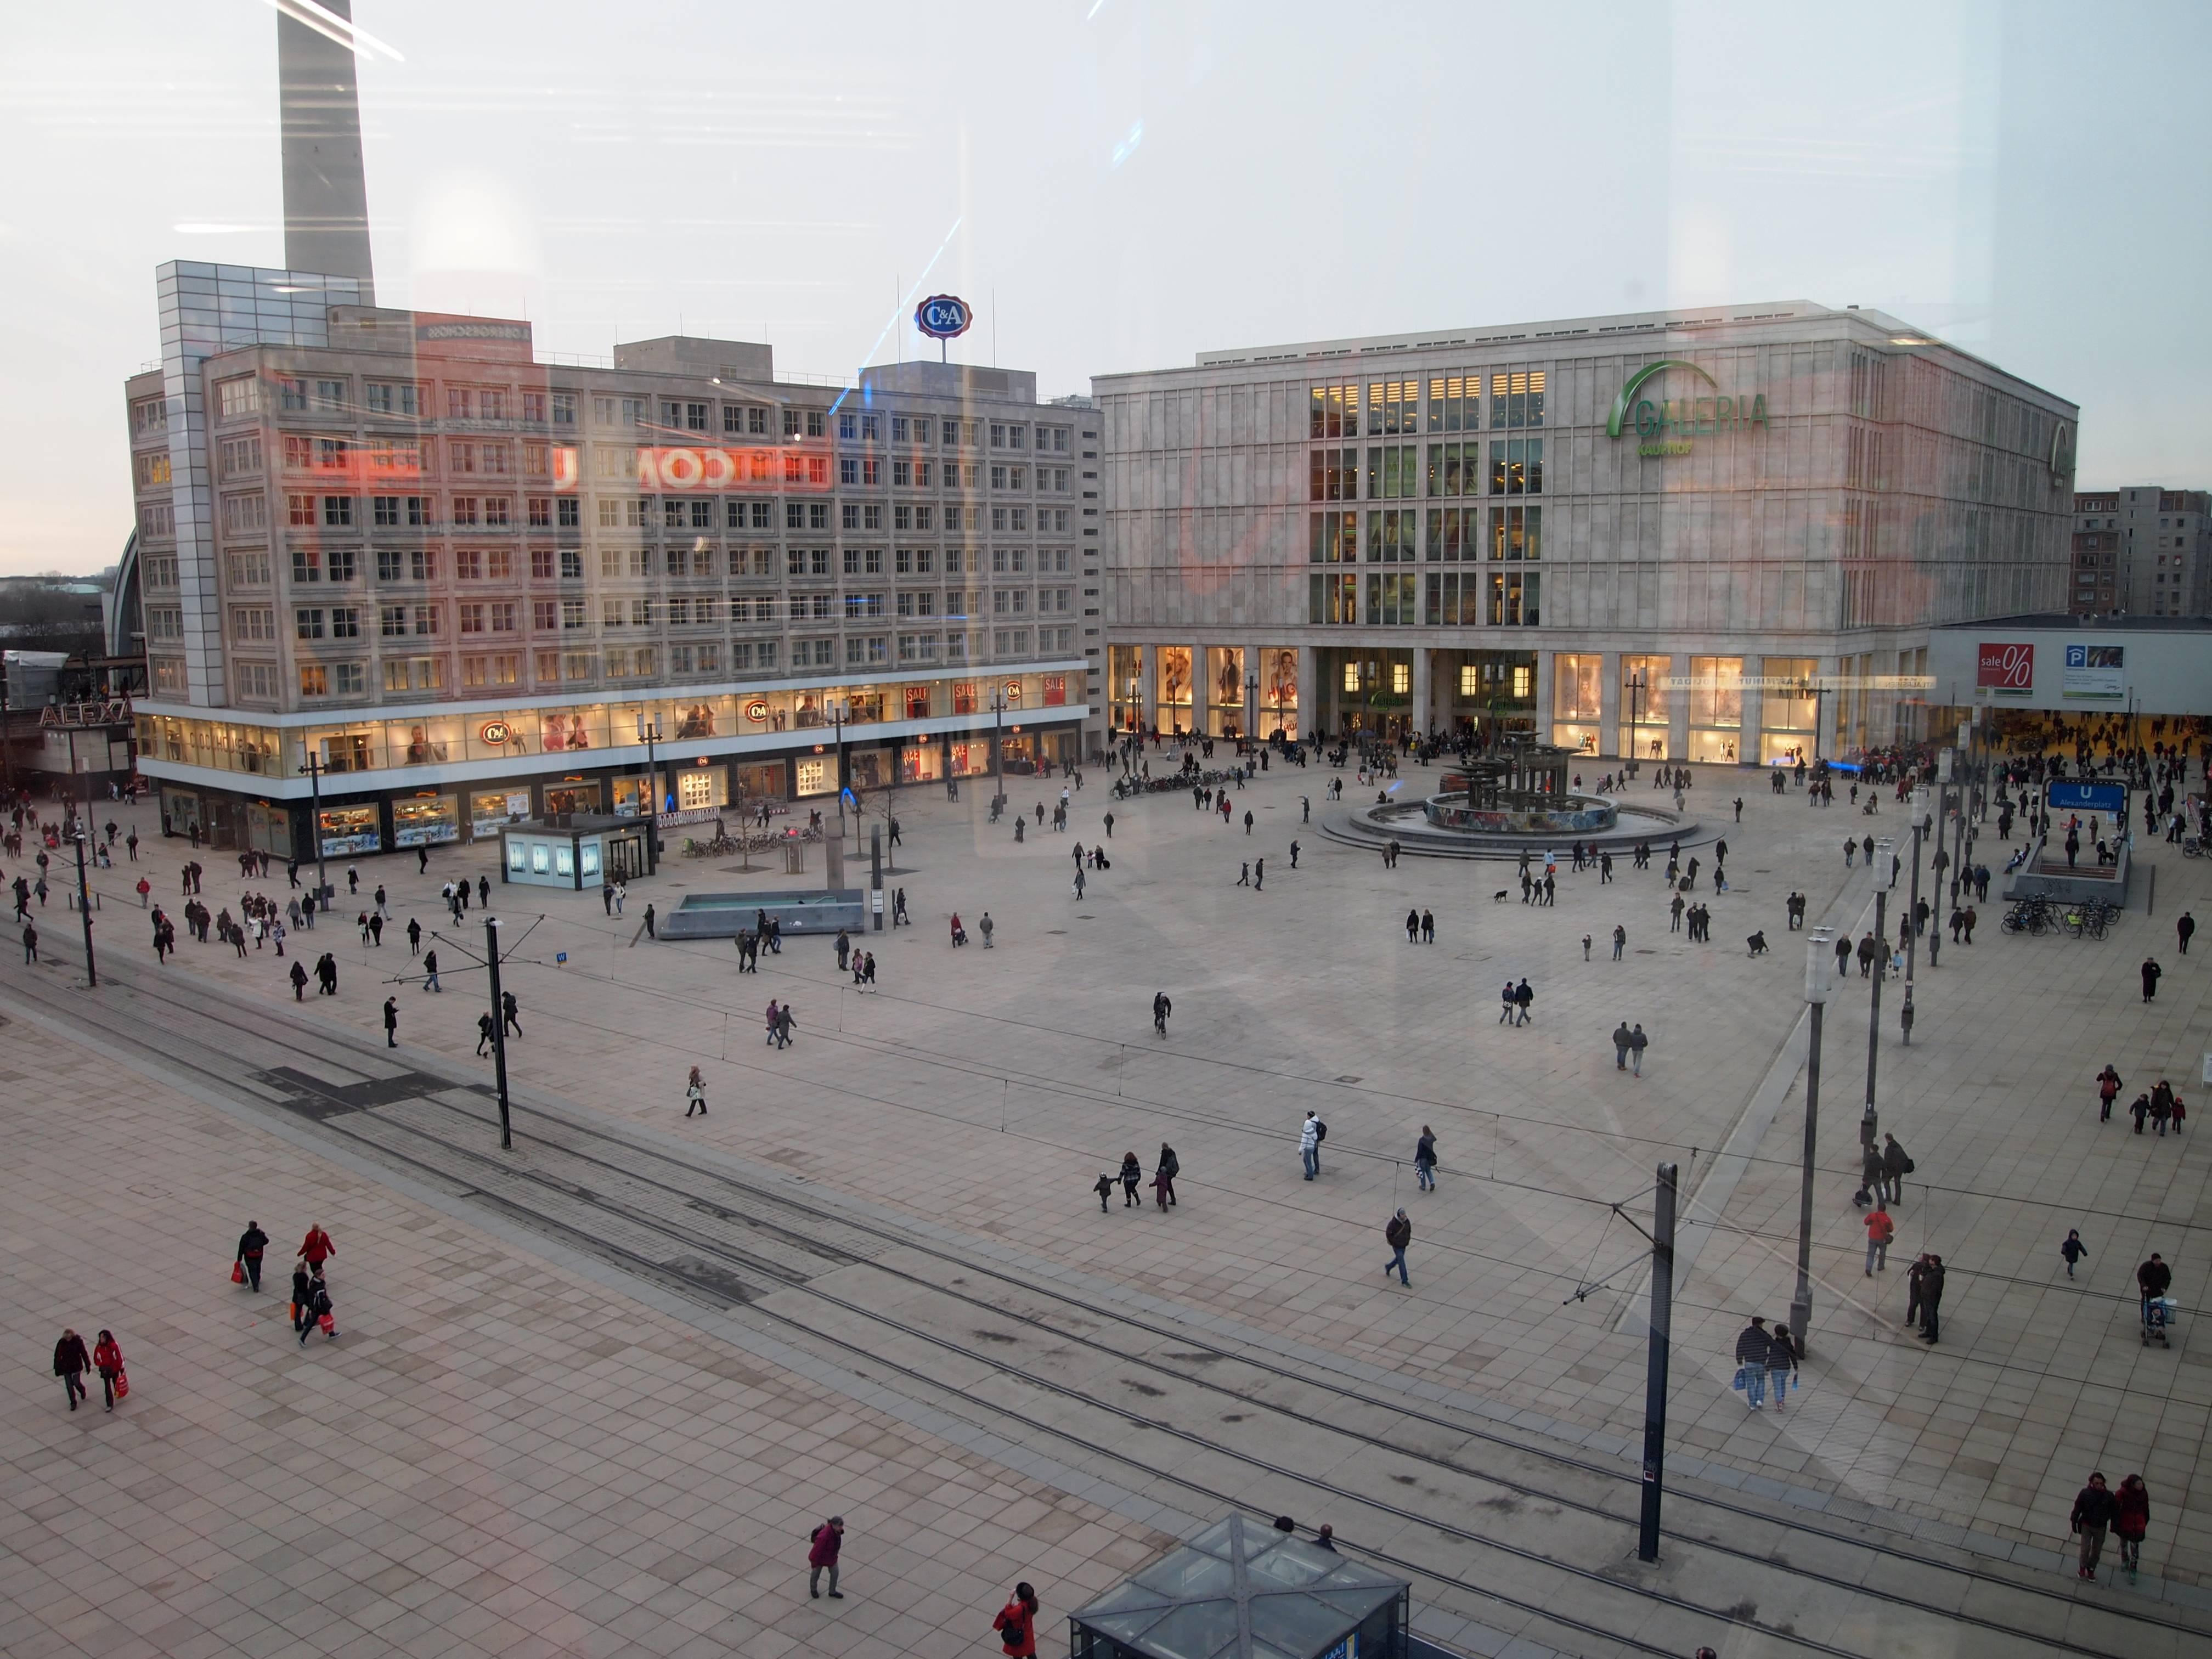 Александерплац, берлин. отели рядом, фото, видео, как добраться, шопинг, магазины, аутлет, рестораны, ювелирные магазины, пивоварни — туристер.ру